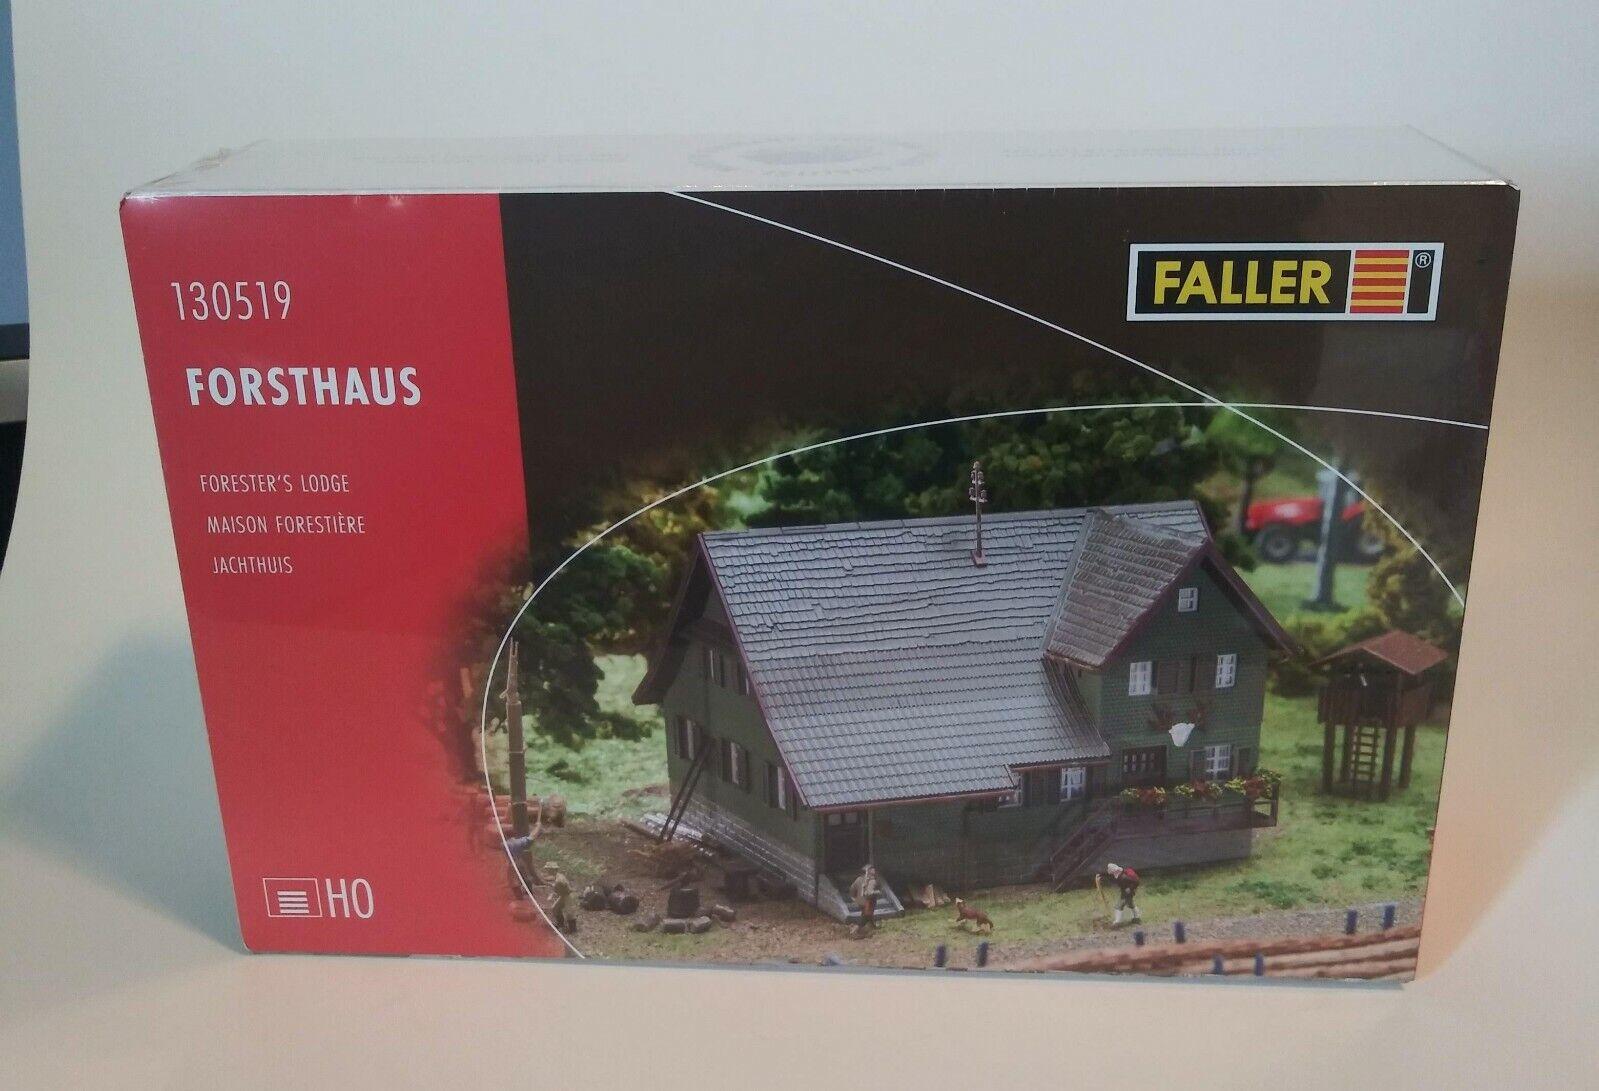 FALLER Forester's Lodge HO Model Kit MIB (Sealed)